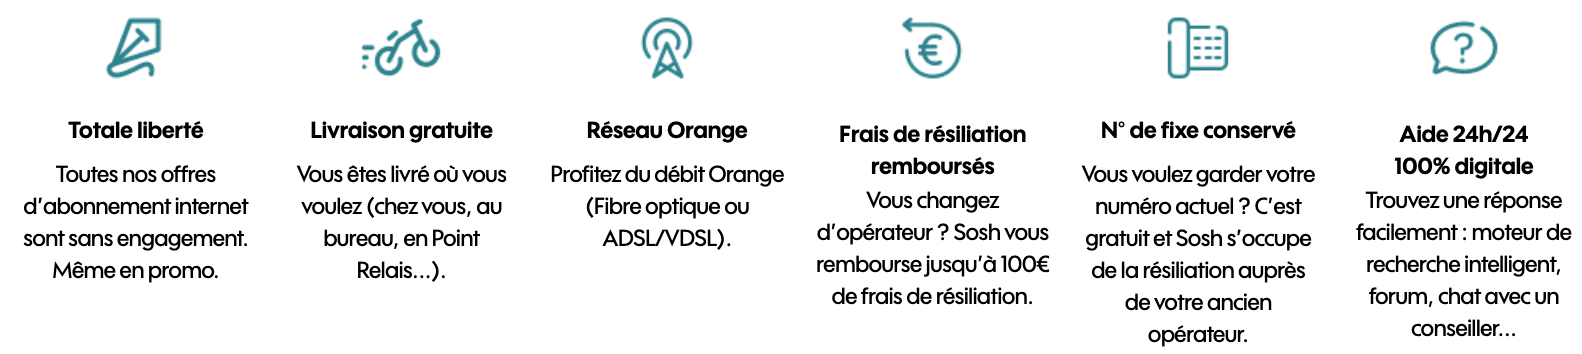 Service Client Mobile Et Internet Orange Comment Contacter Des Emotions Mobile Internet Tv Telephone Fixe Pdf